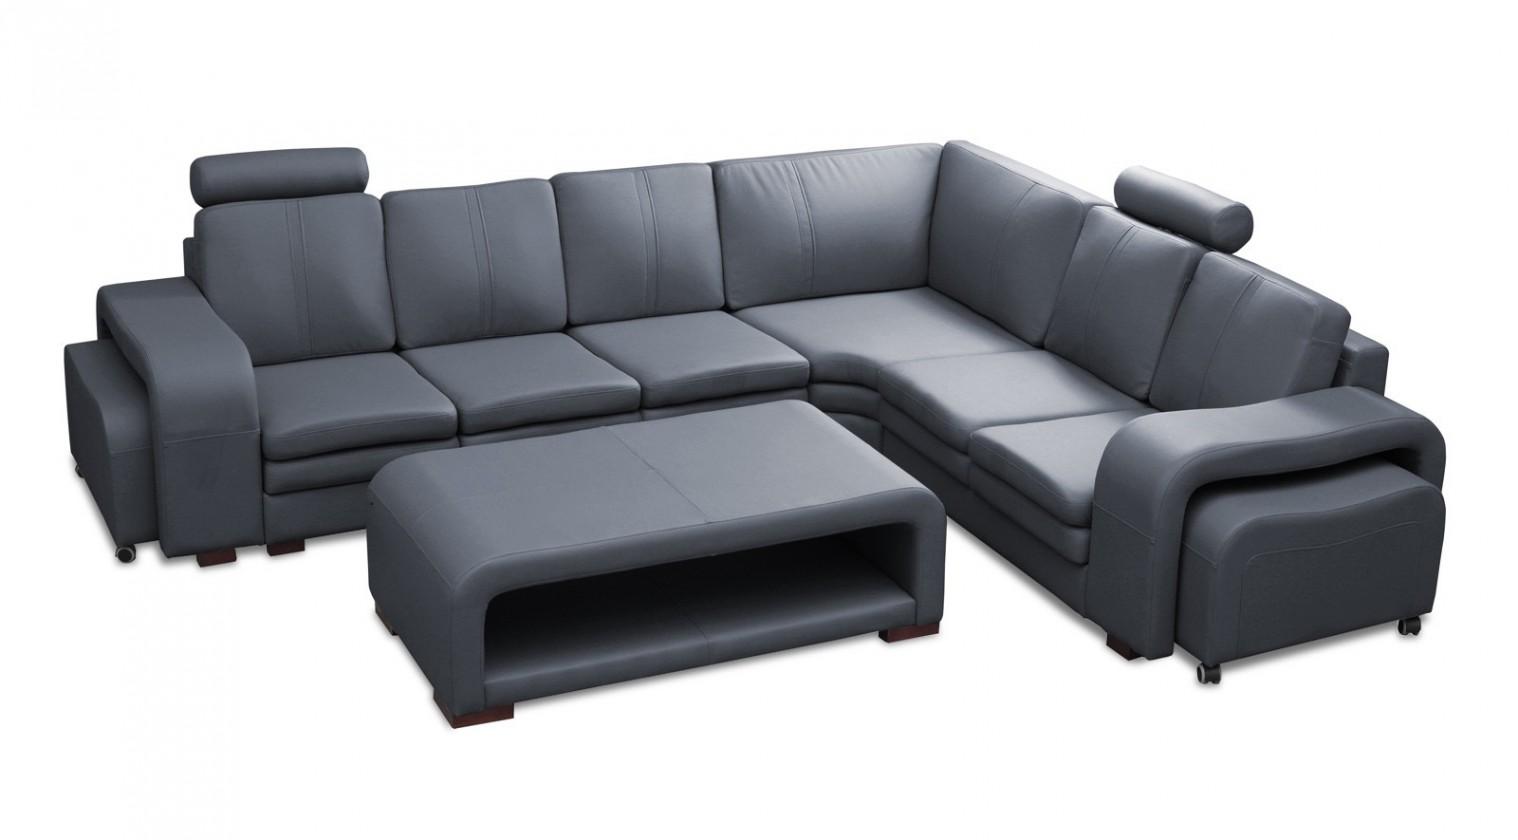 Rohová sedací souprava Rohová sedačka Soft pravý roh, 2x taburet, stolek (eko kůže)